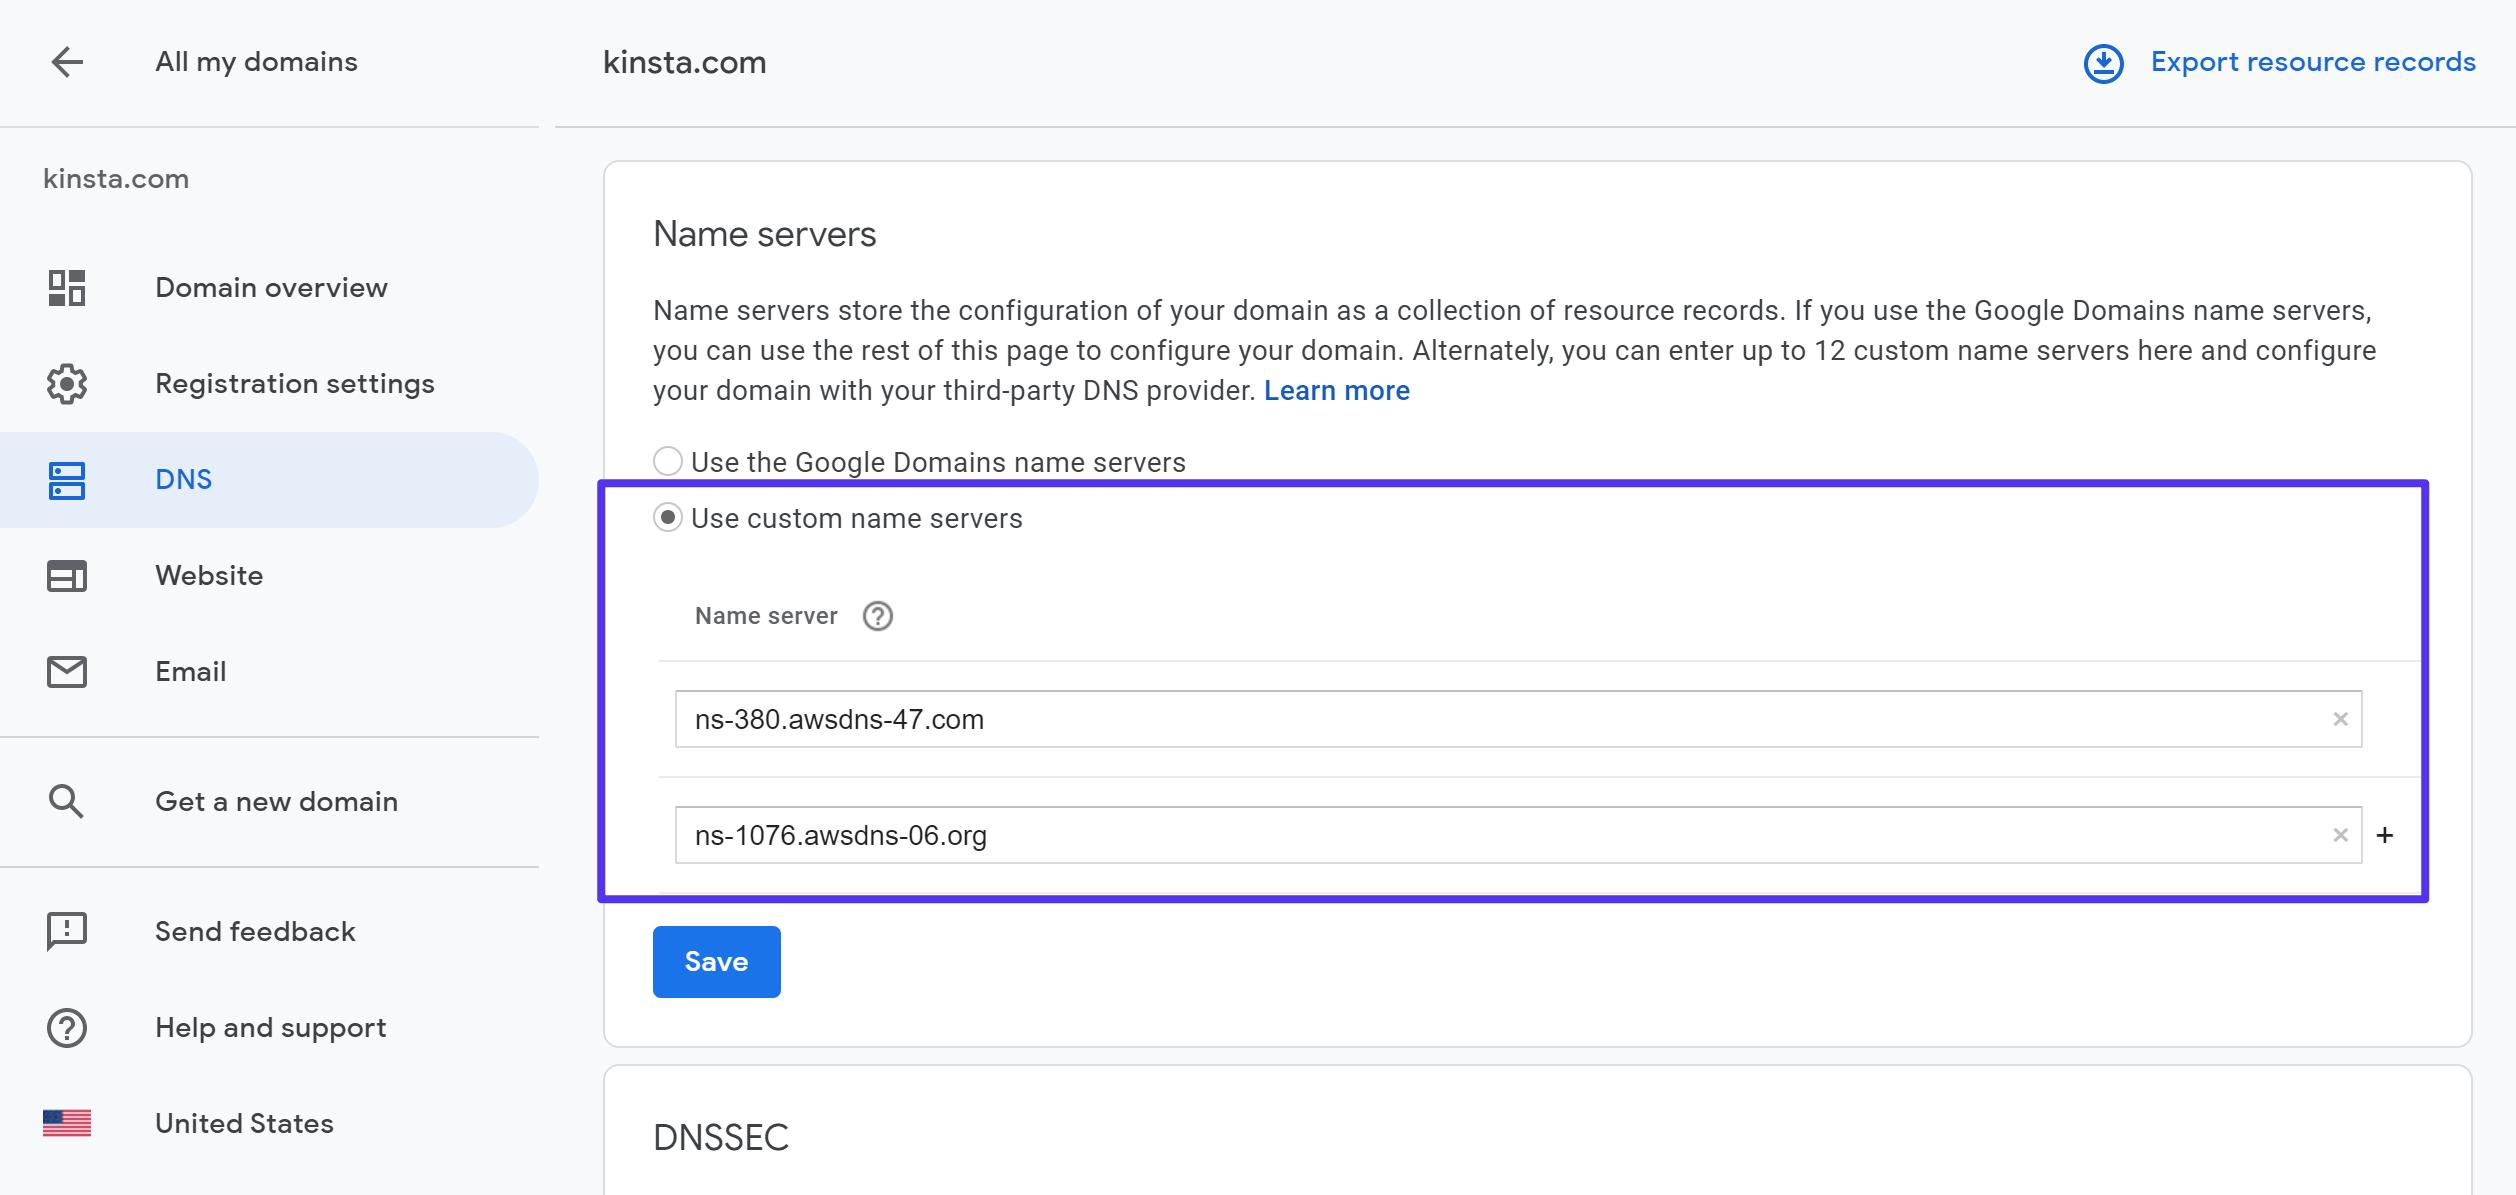 Como usar seus próprios servidores de nomes no Google Domains